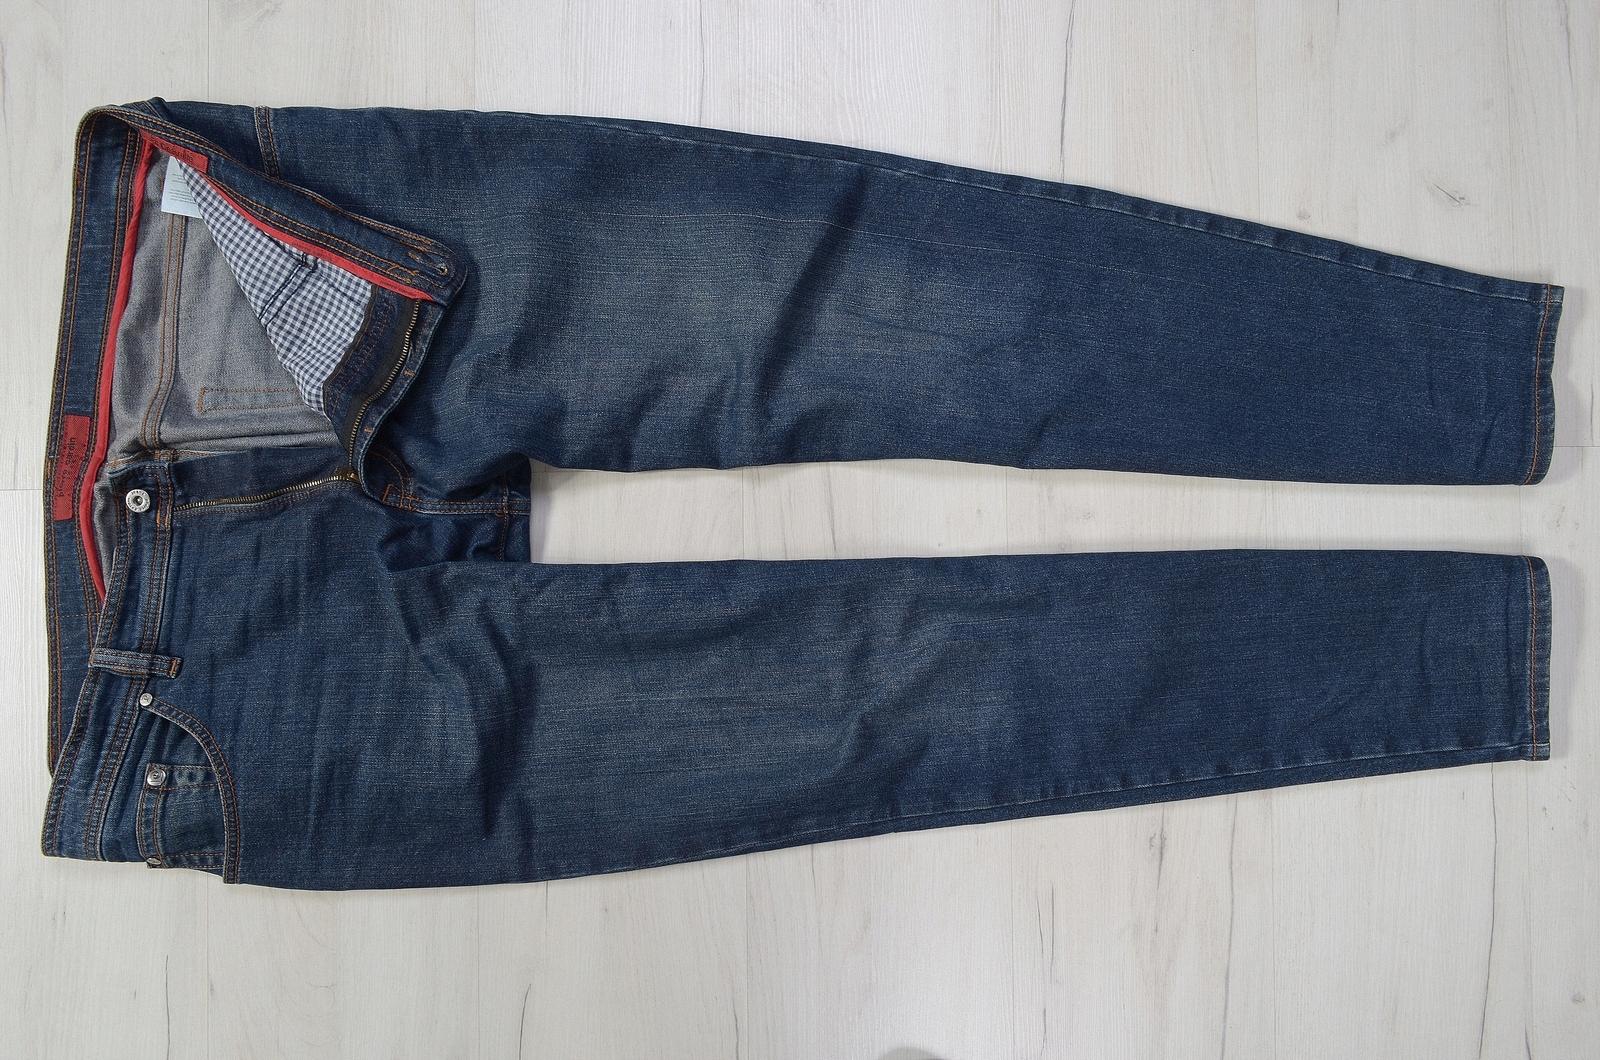 Pierre Cardin * Spodnie Jeans Klasyczne * 40/32